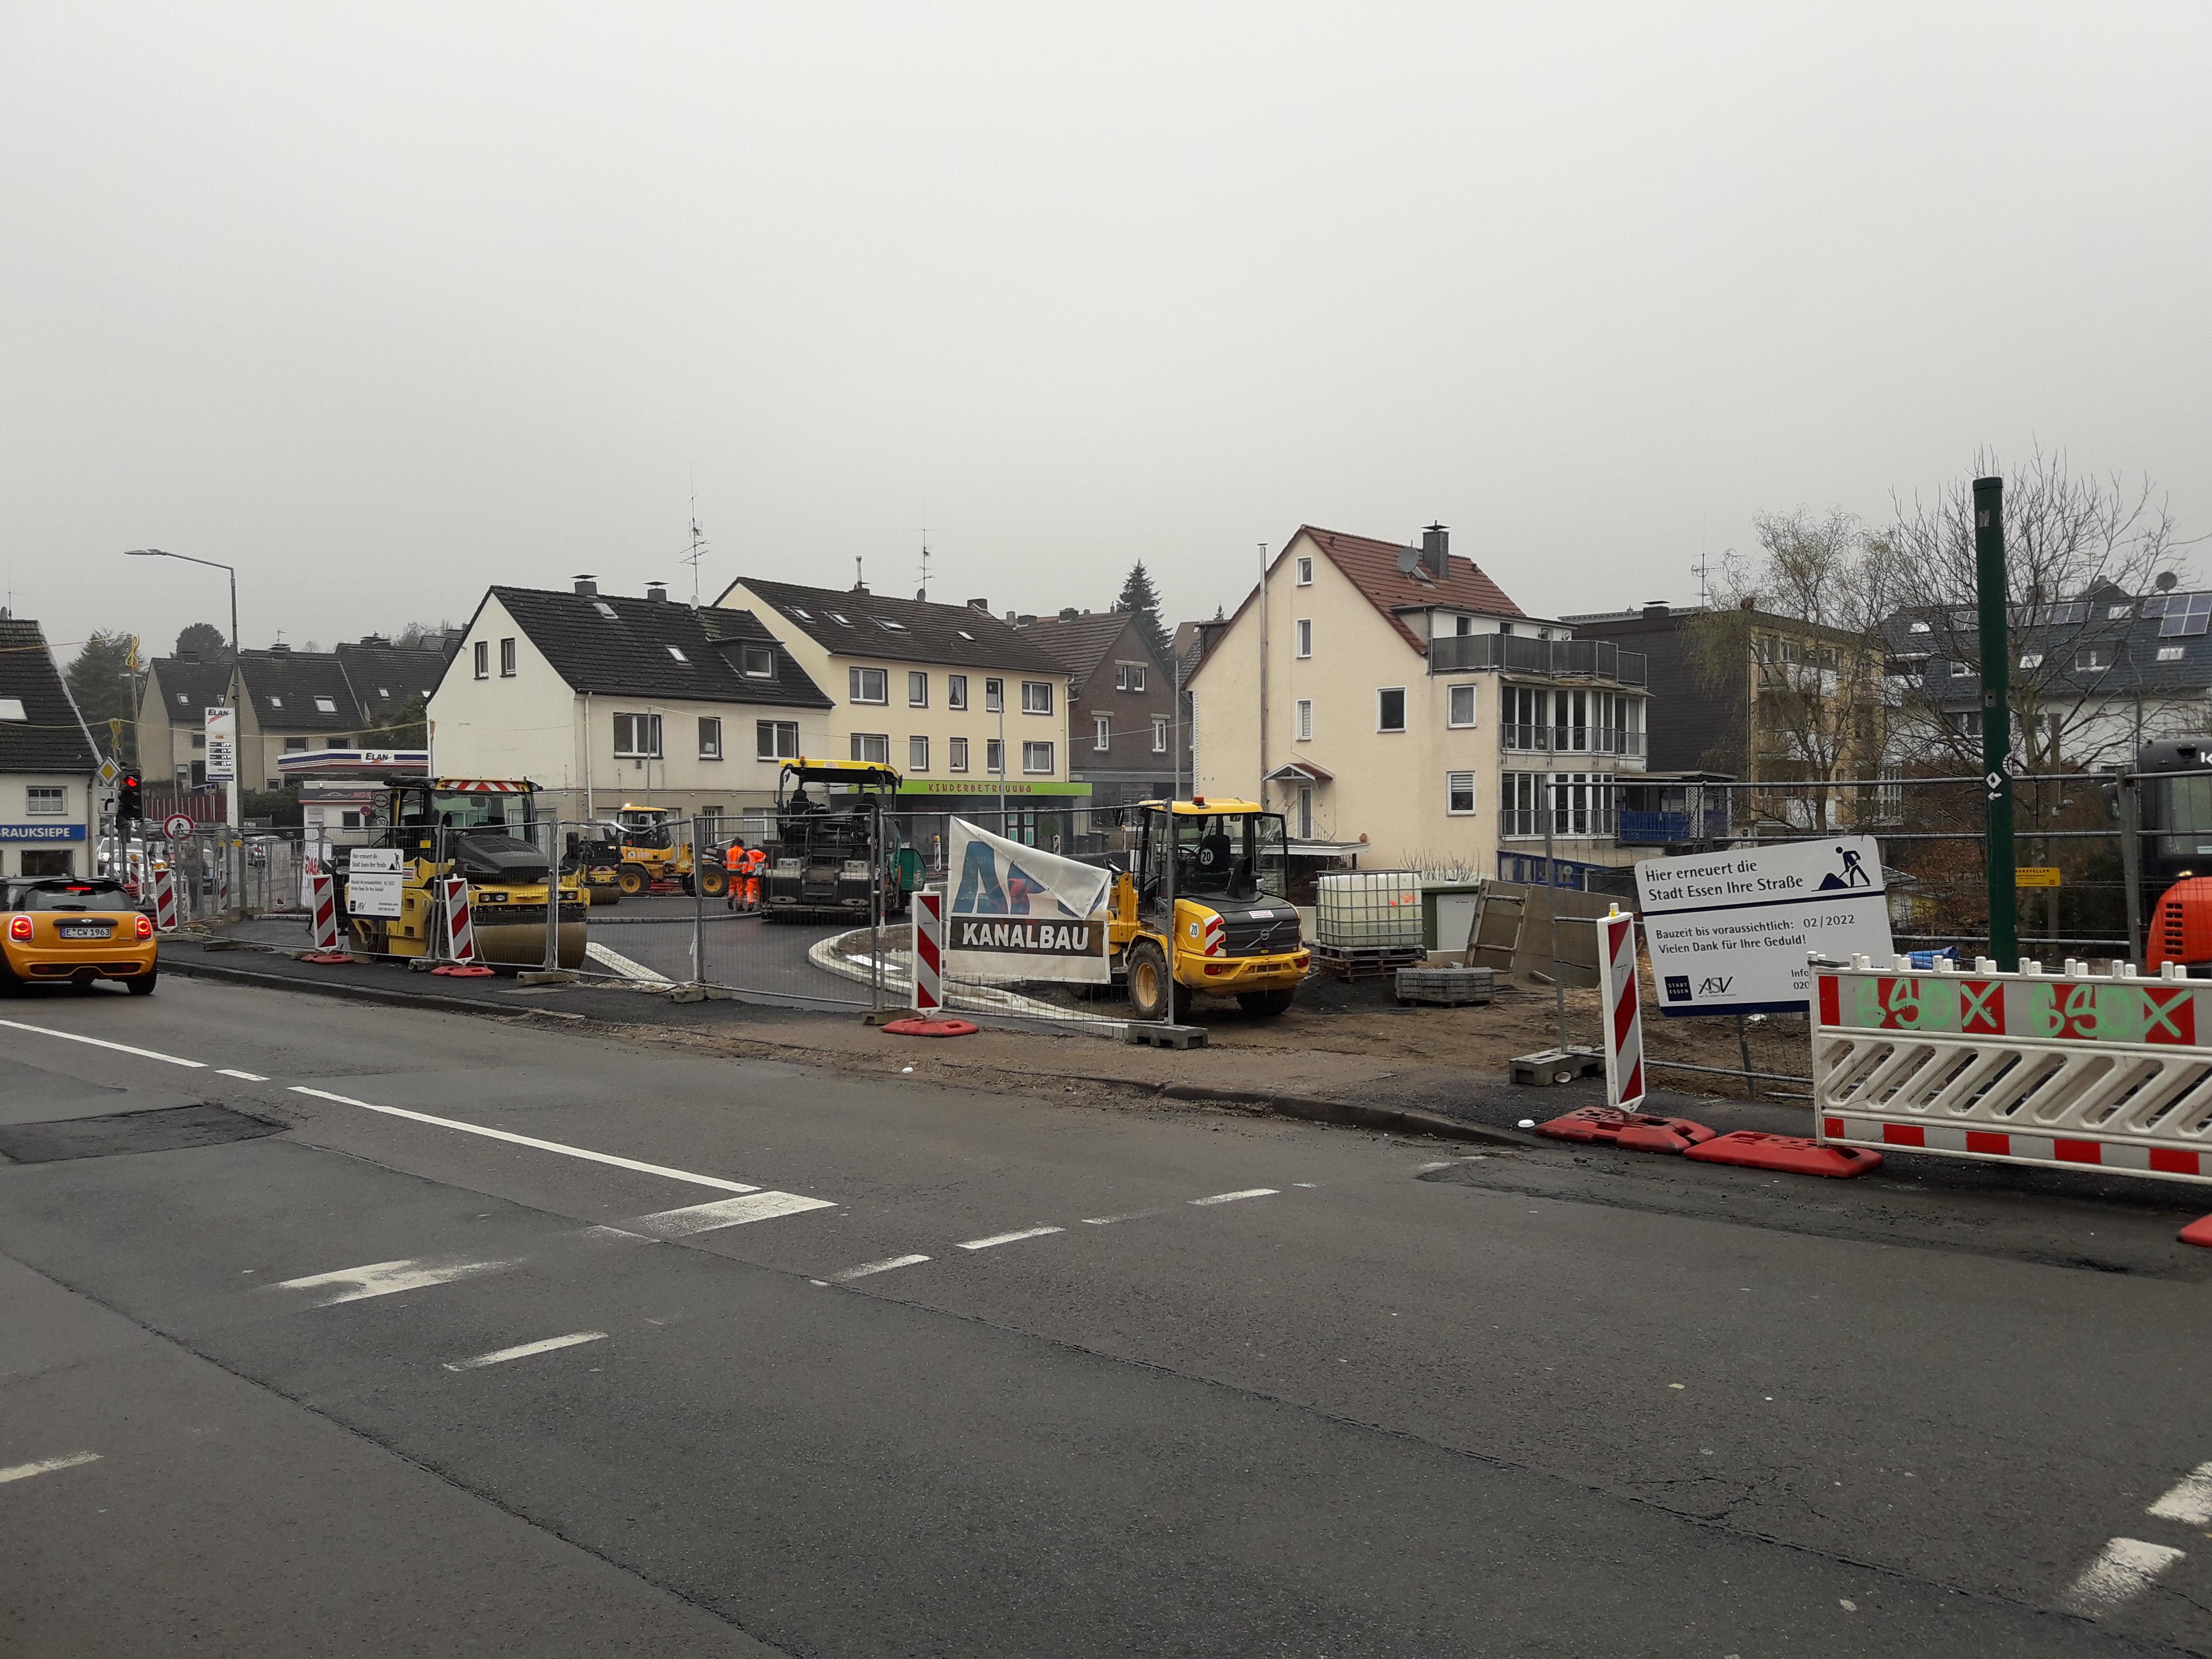 Foto: Blick auf die Bauarbeiten an der Alten Hauptstraße